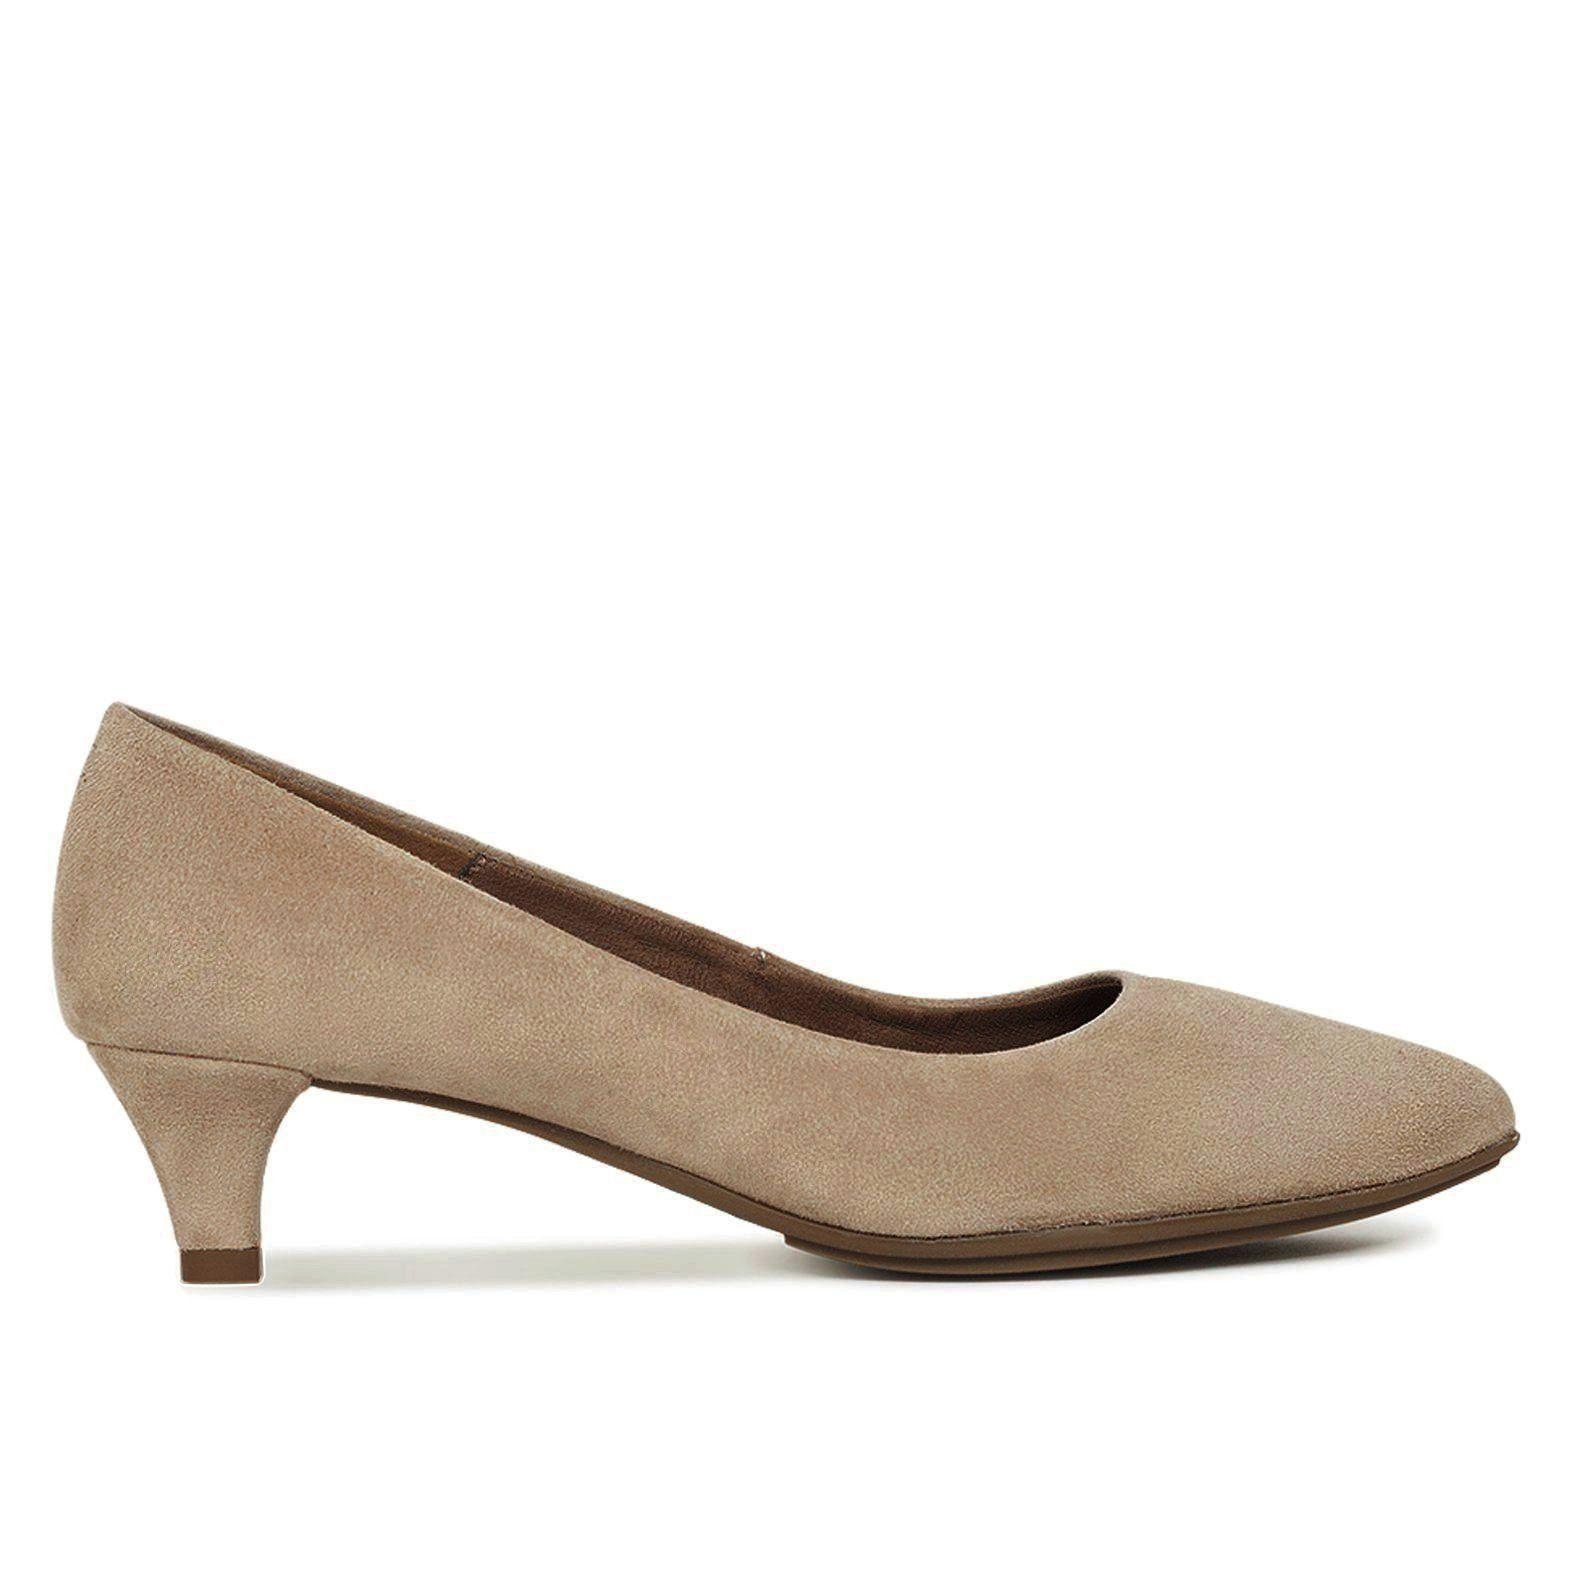 Urban 2019 Zapatos In Kitten Beige De Mujer Stilettos 9IeH2YEDW